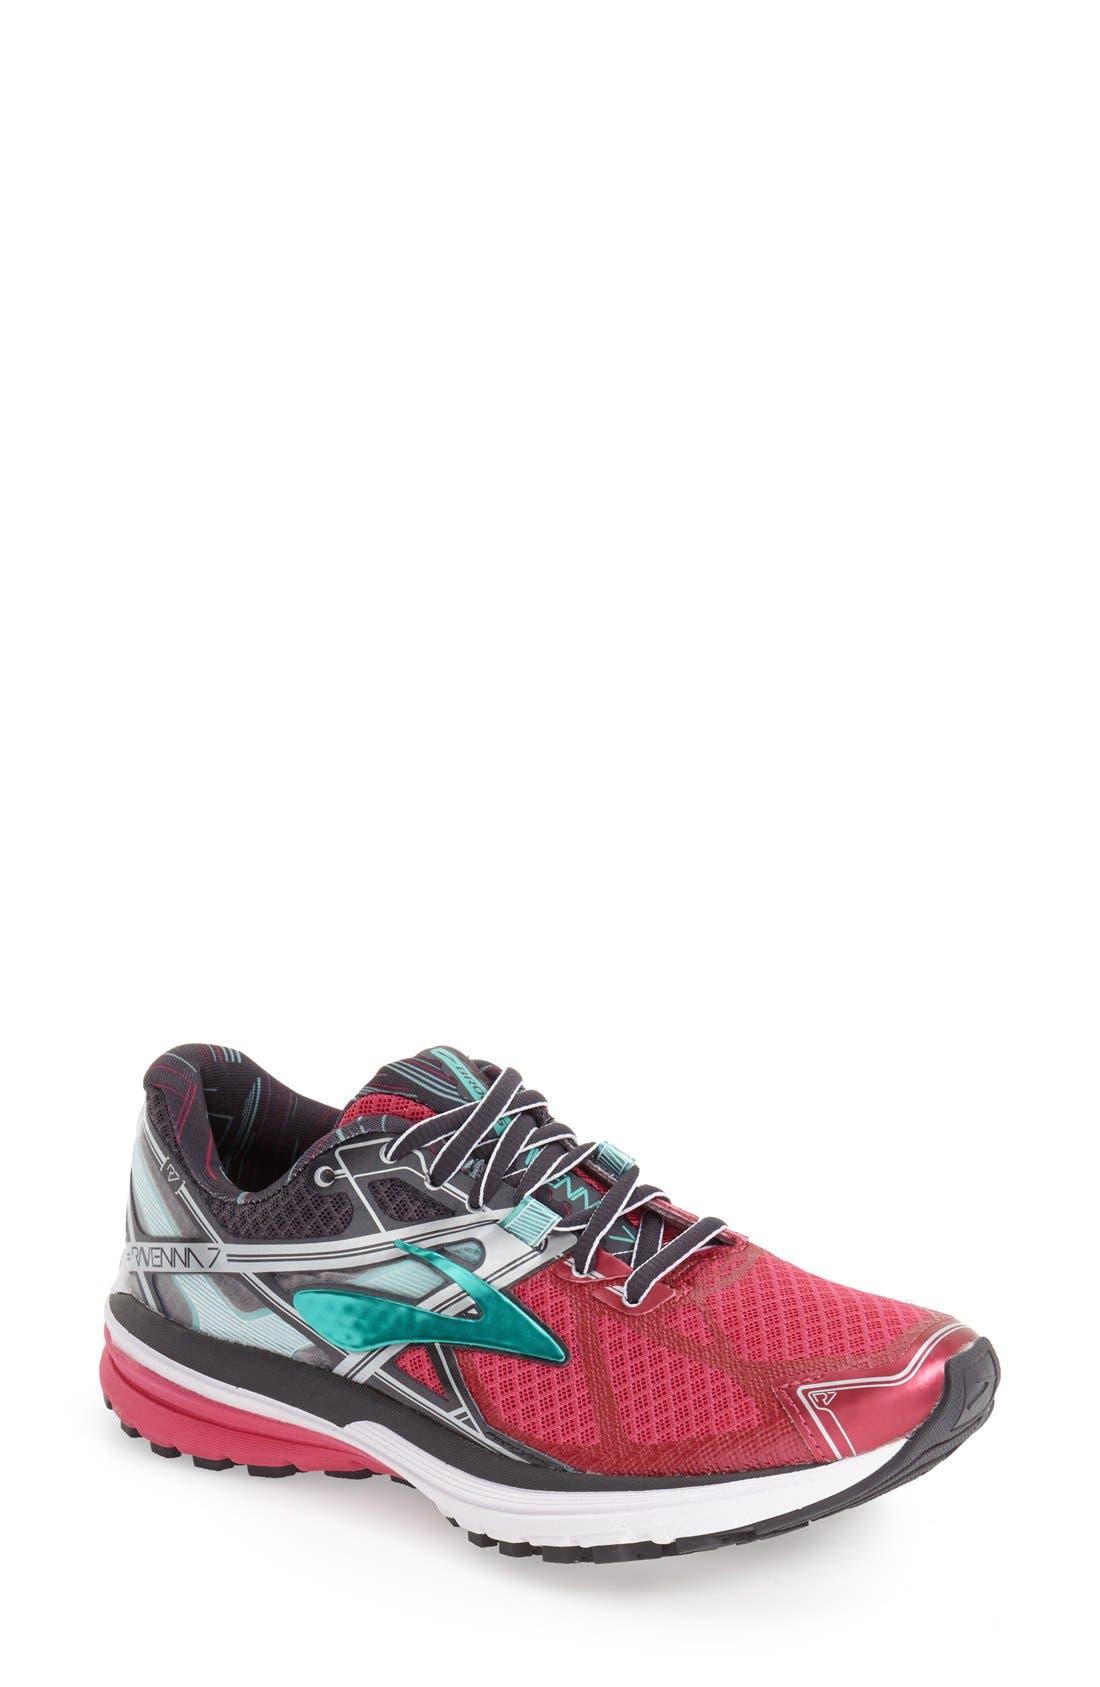 Main Image - Brooks 'Ravenna 7' Running Shoe (Women)